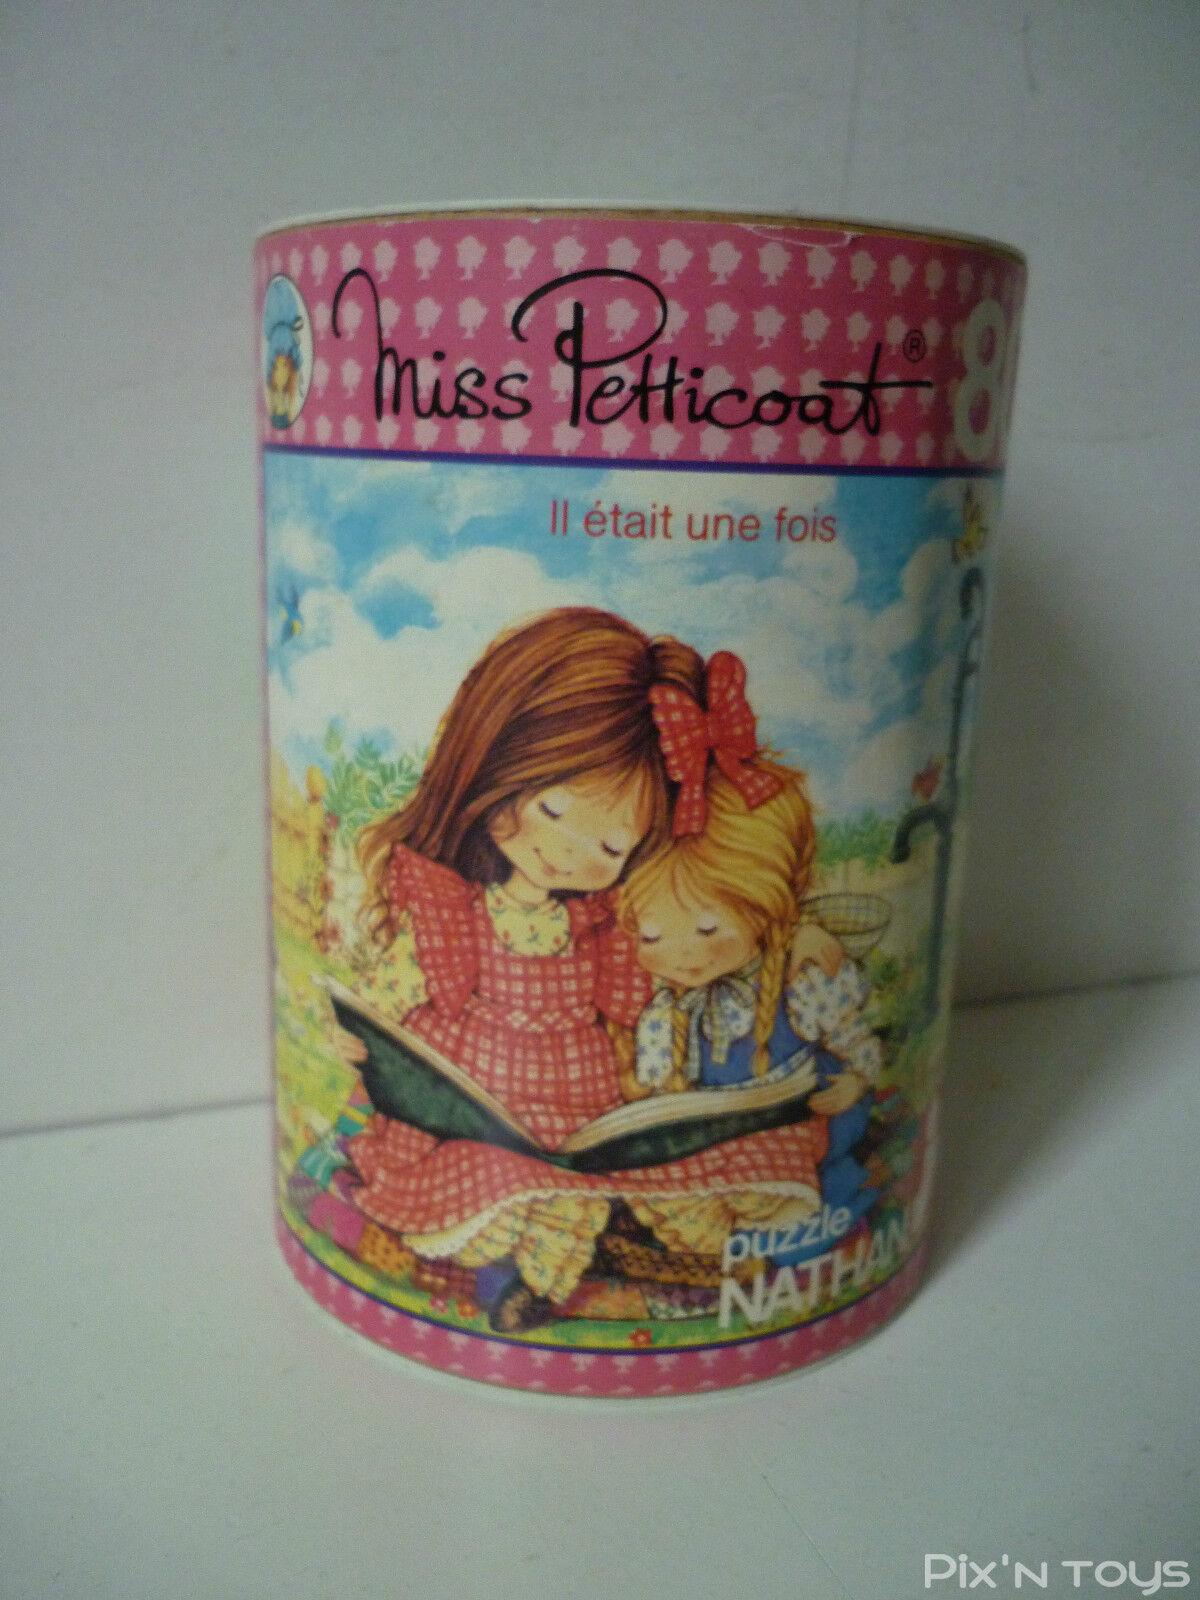 Puzzle en bois 80 pièces Miss Petticoat  il était une fois  1980 Roth Greetings